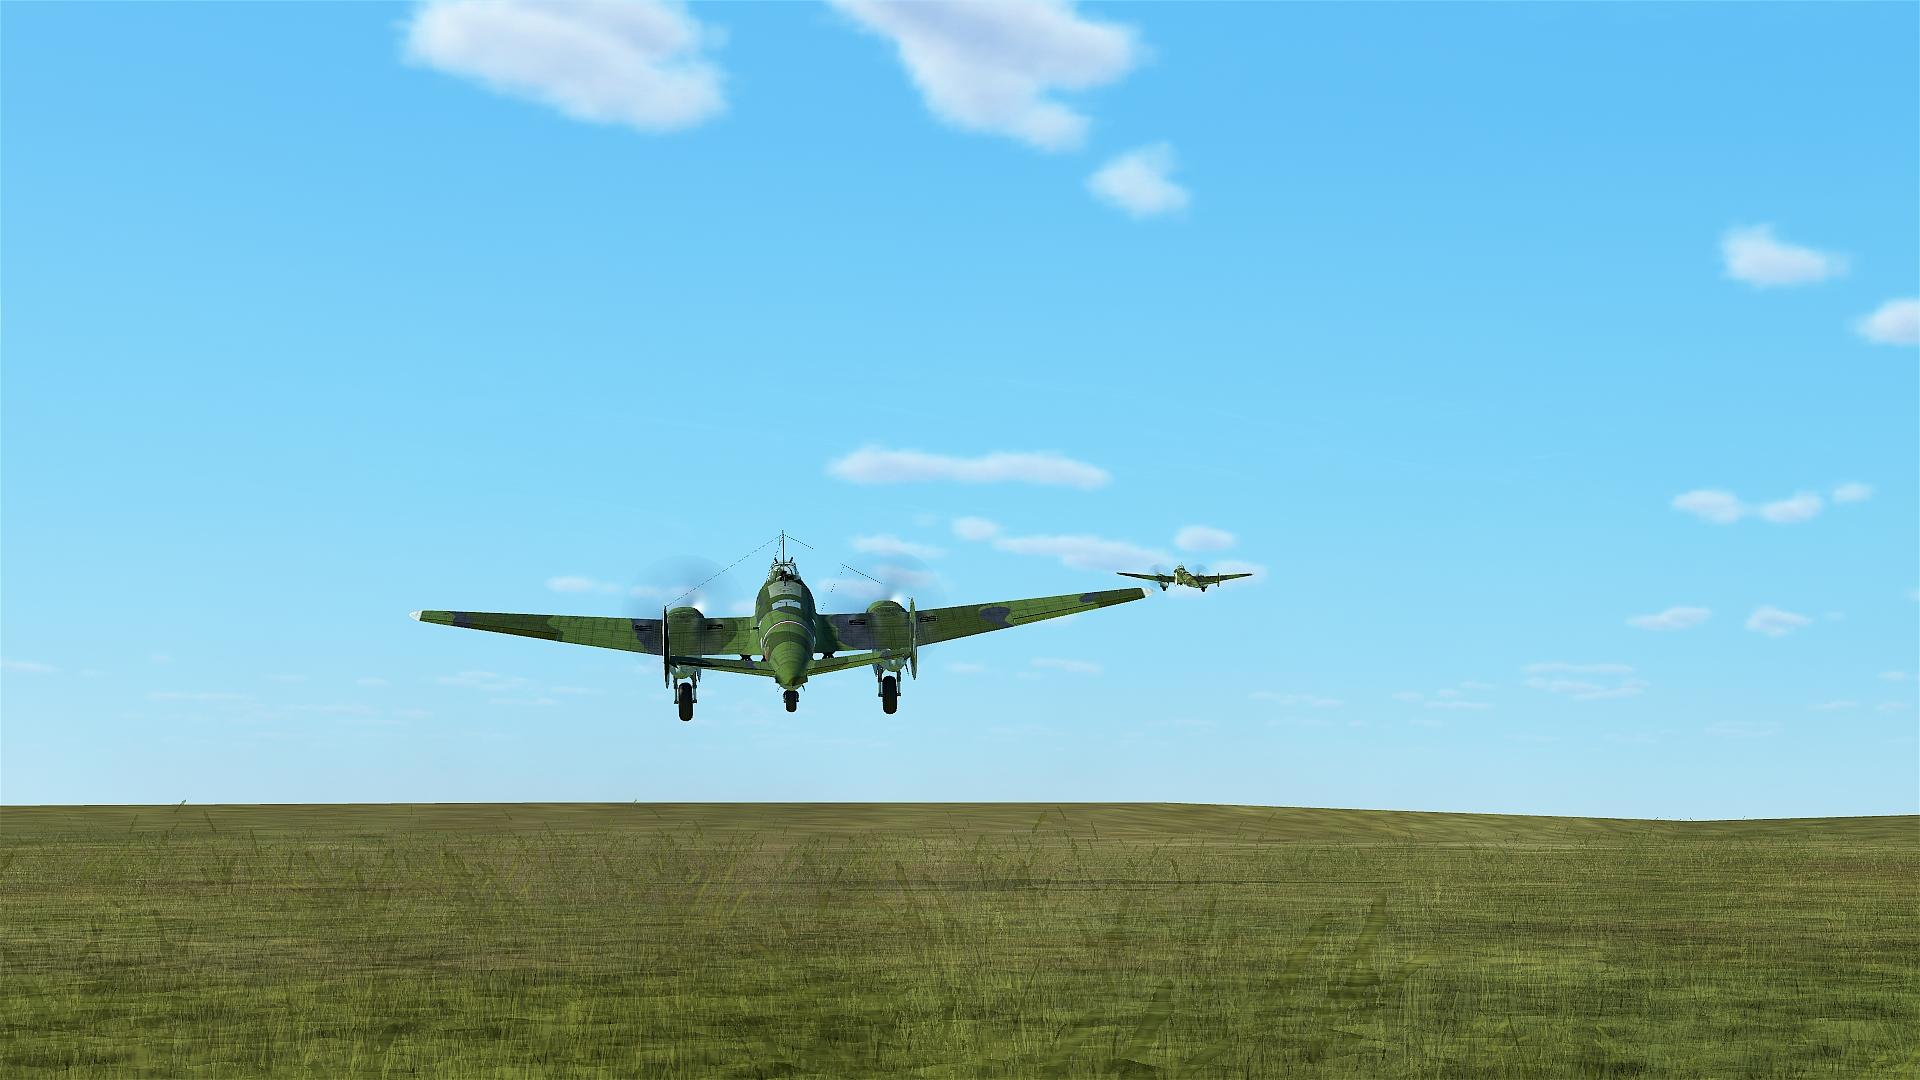 Un ptit CR en image de  la sortie de vendredi sur les Fnbf avec les NN en bomber ! 41600483391_6dc053752f_o